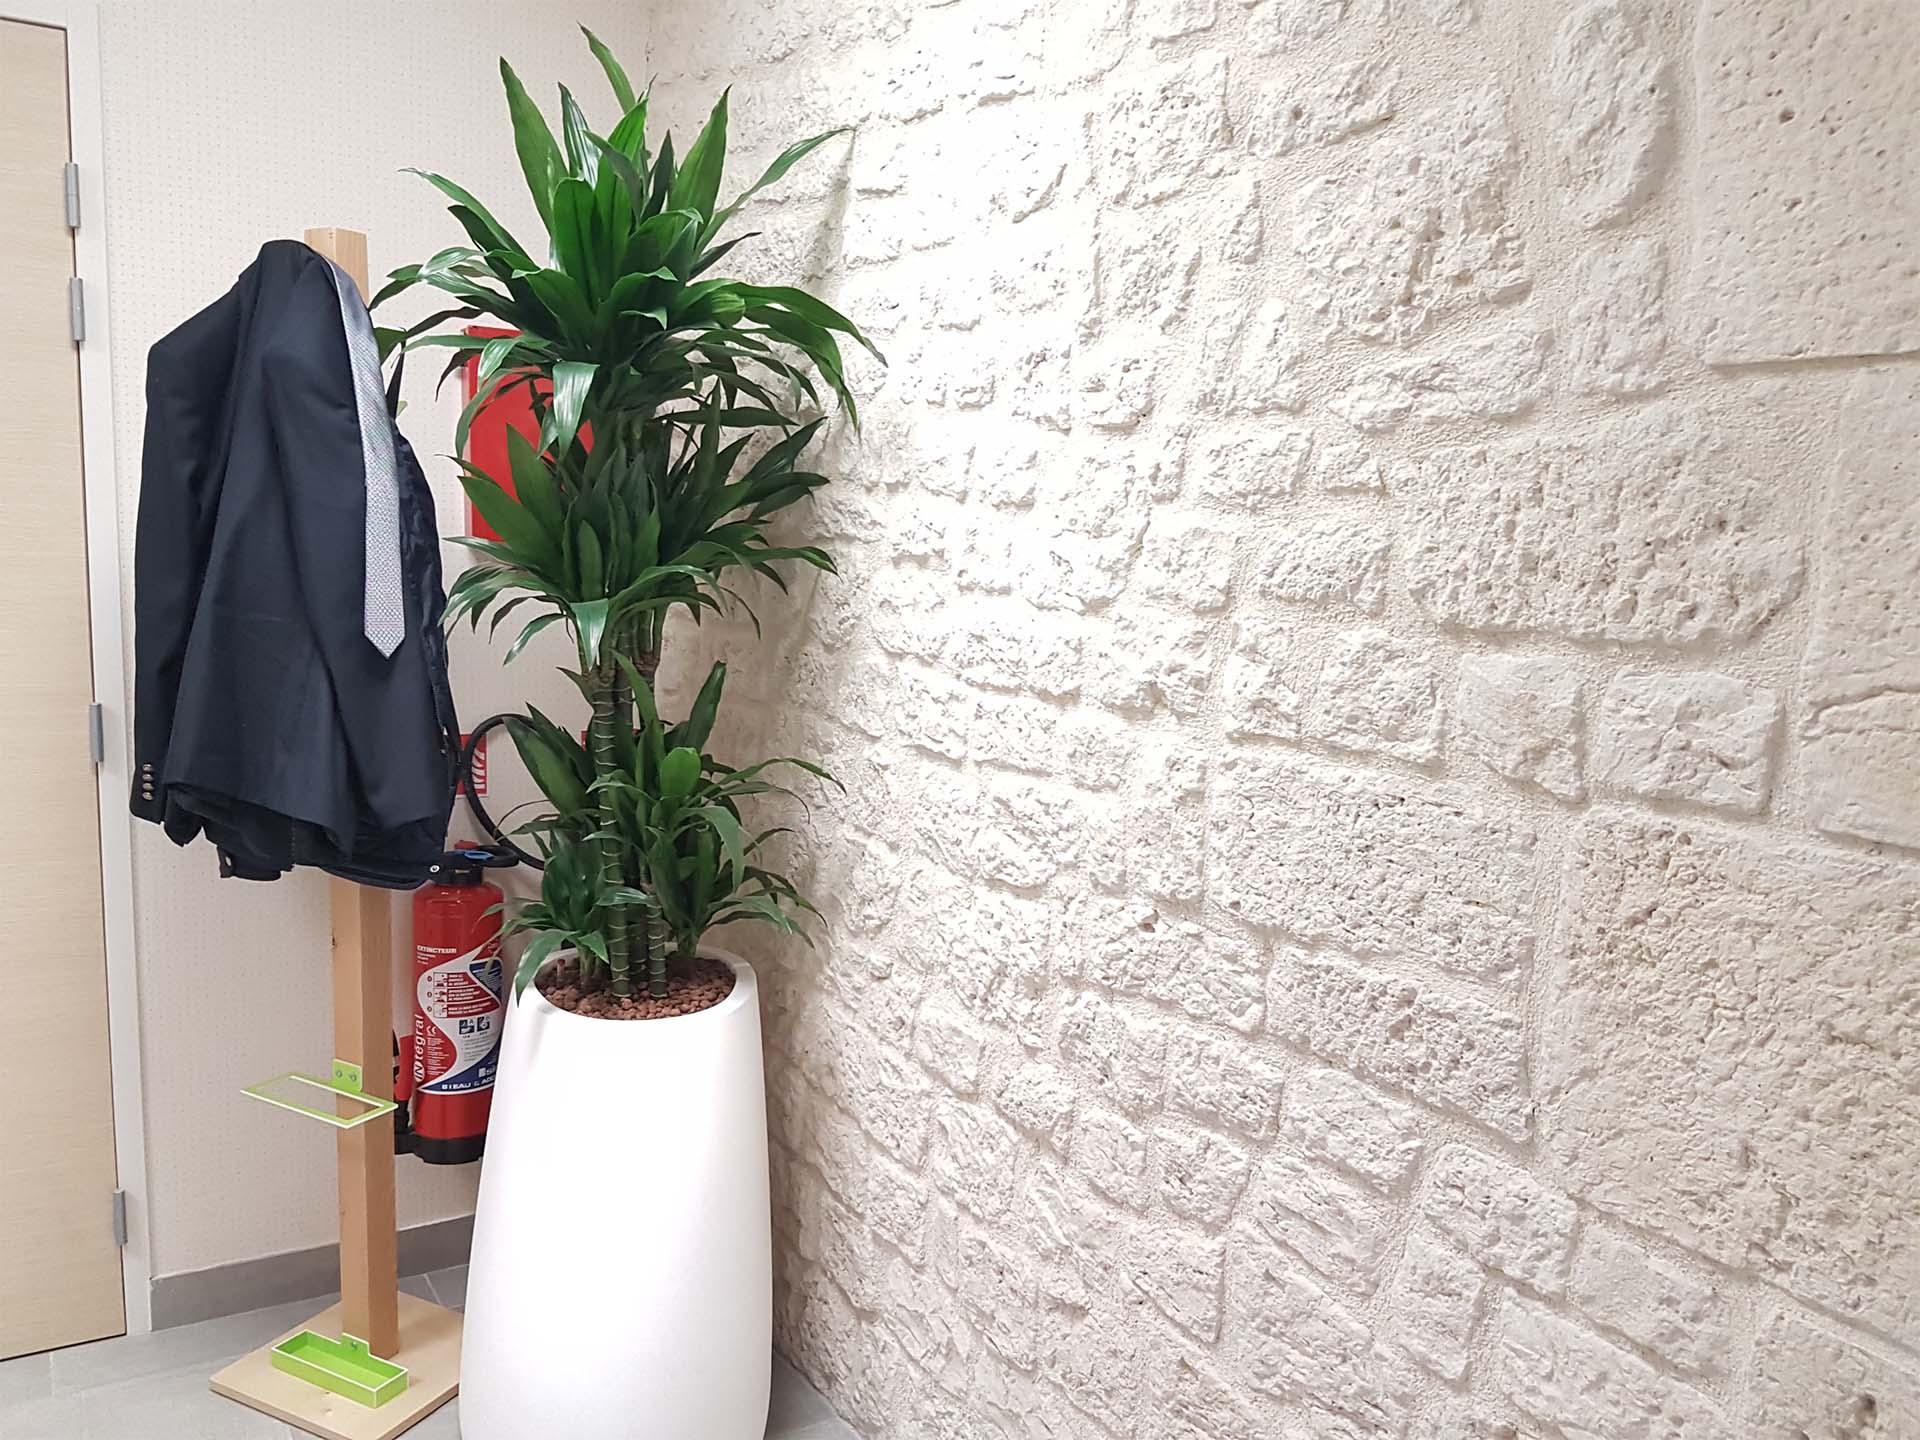 Plantes Pour Tableau Végétal Intérieur plantes vertes d'intérieur et tableau végétal pour aménager